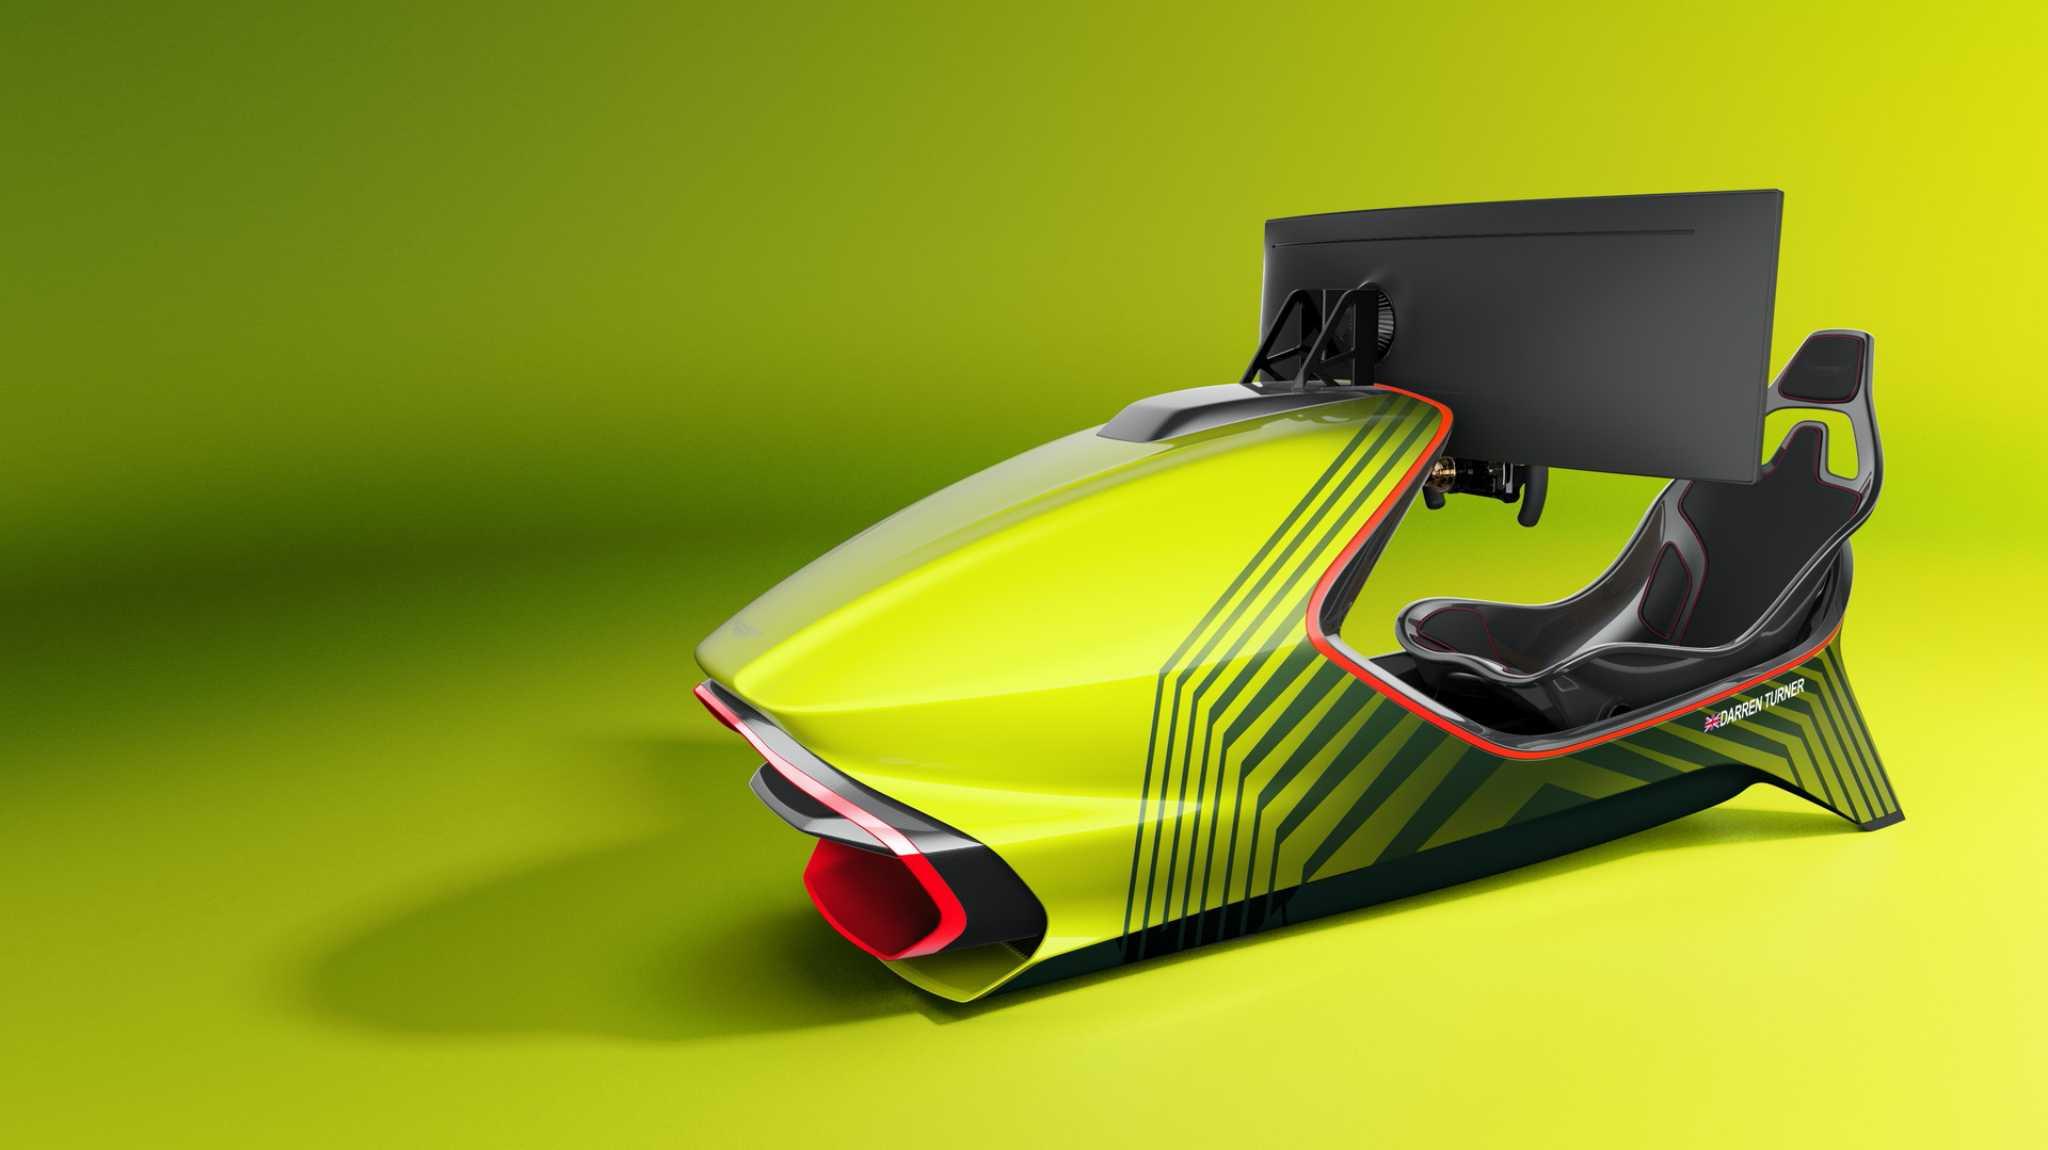 simulatorul-de-curse-aston-martin-costa-c